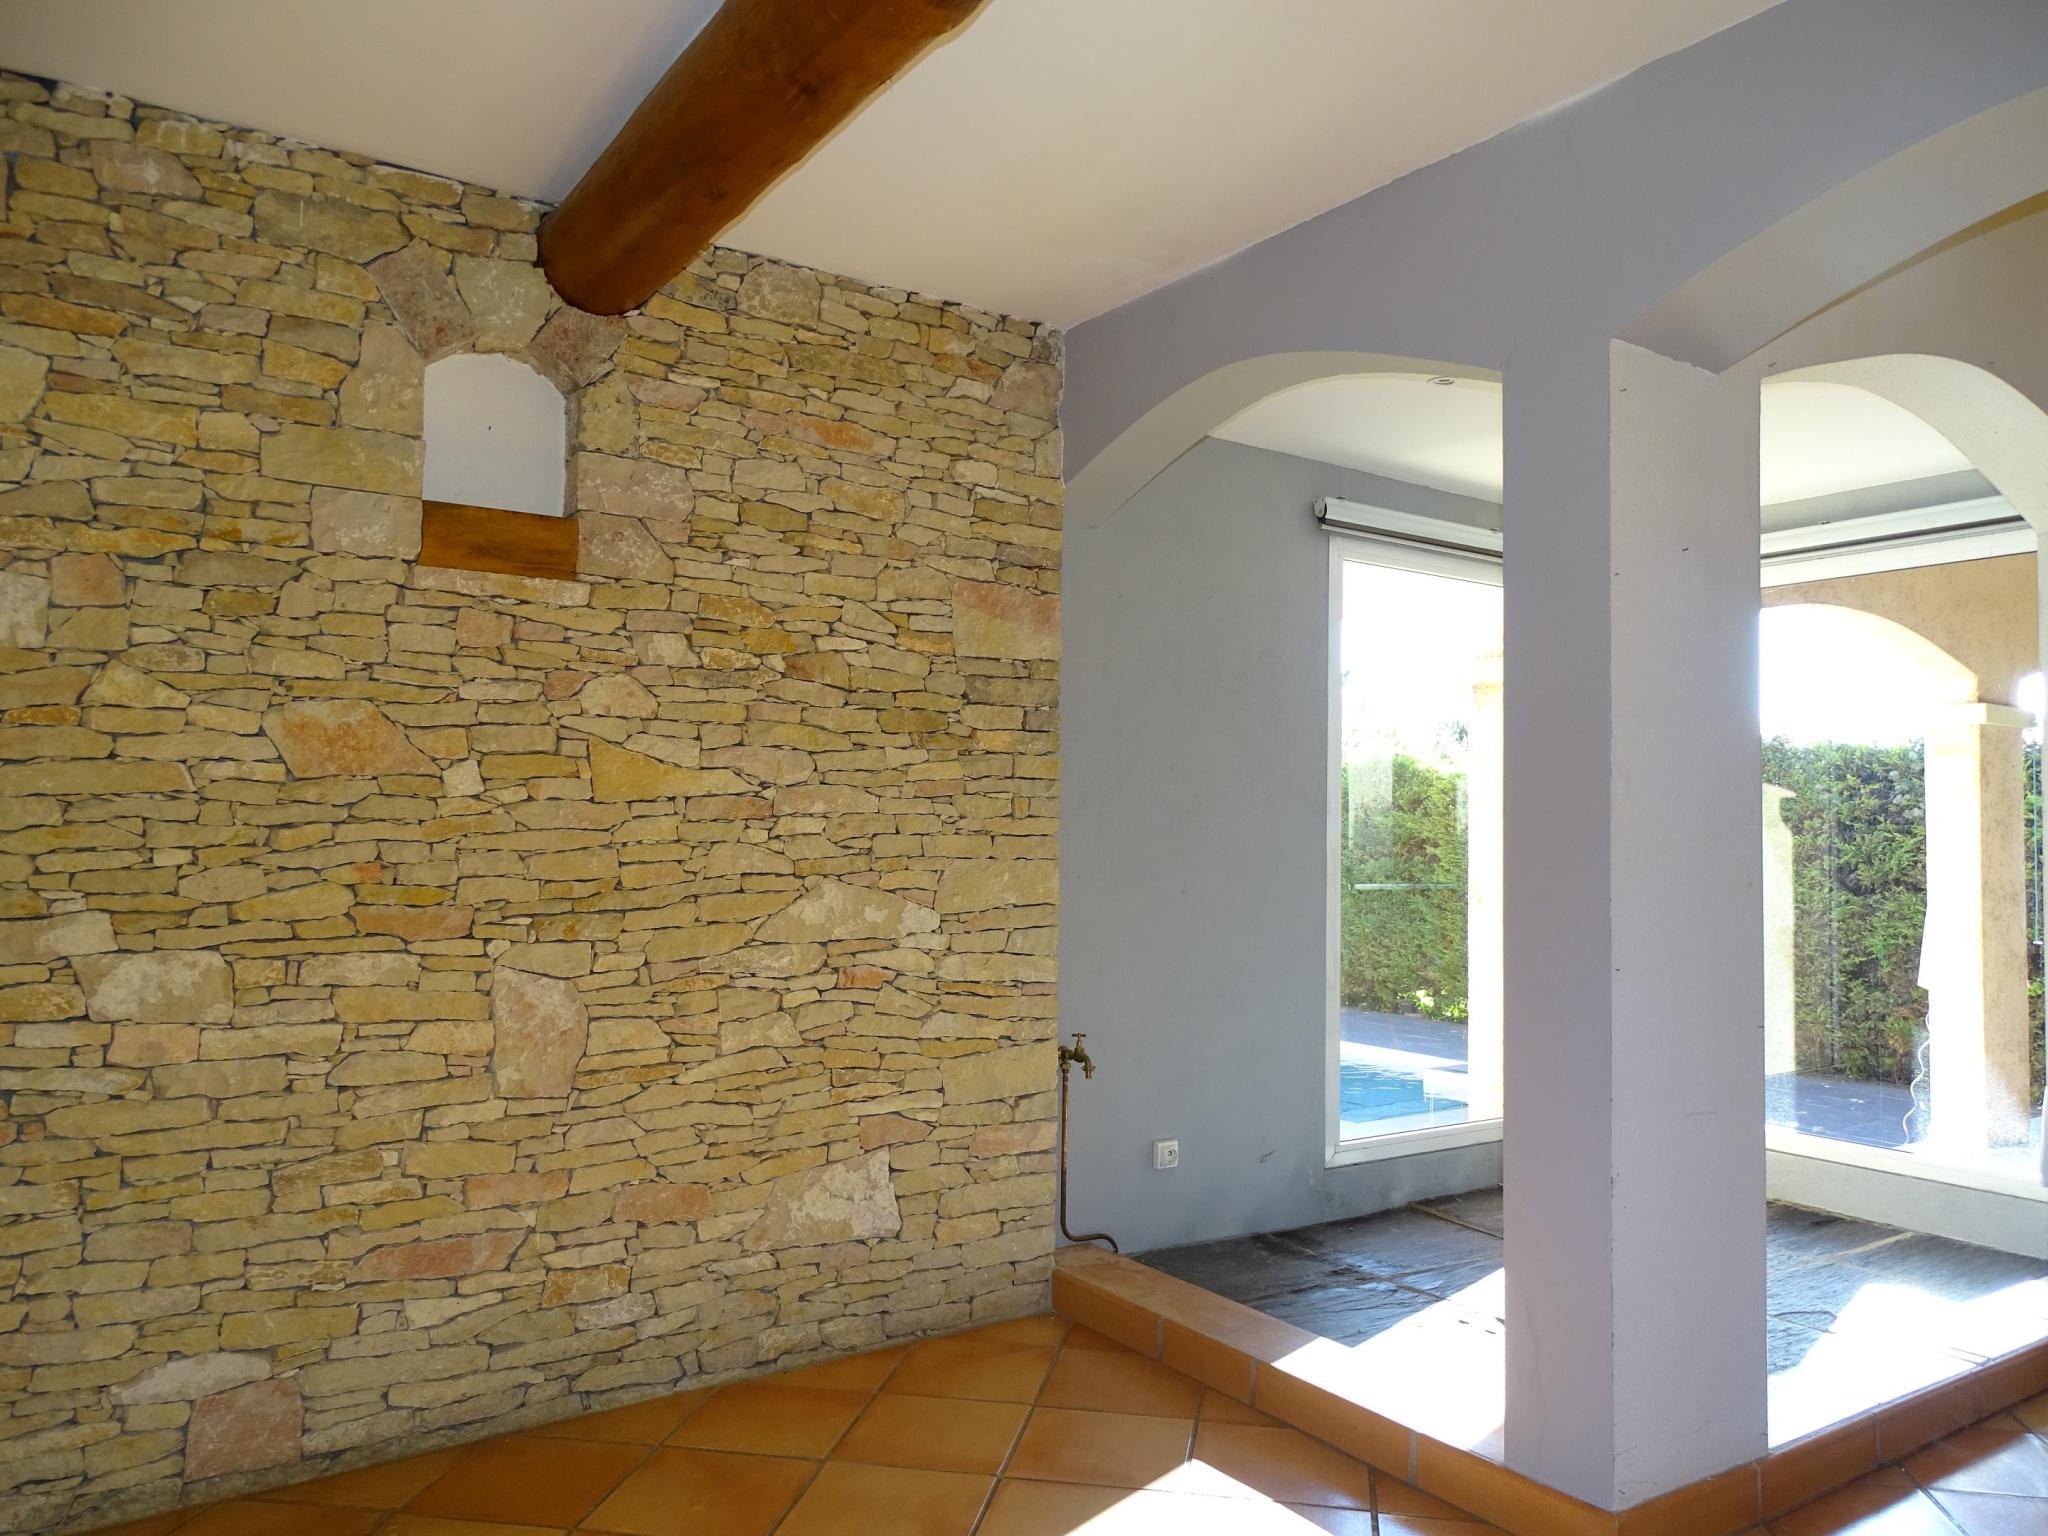 Vente a vendre nimes proche collines villa chambres garages